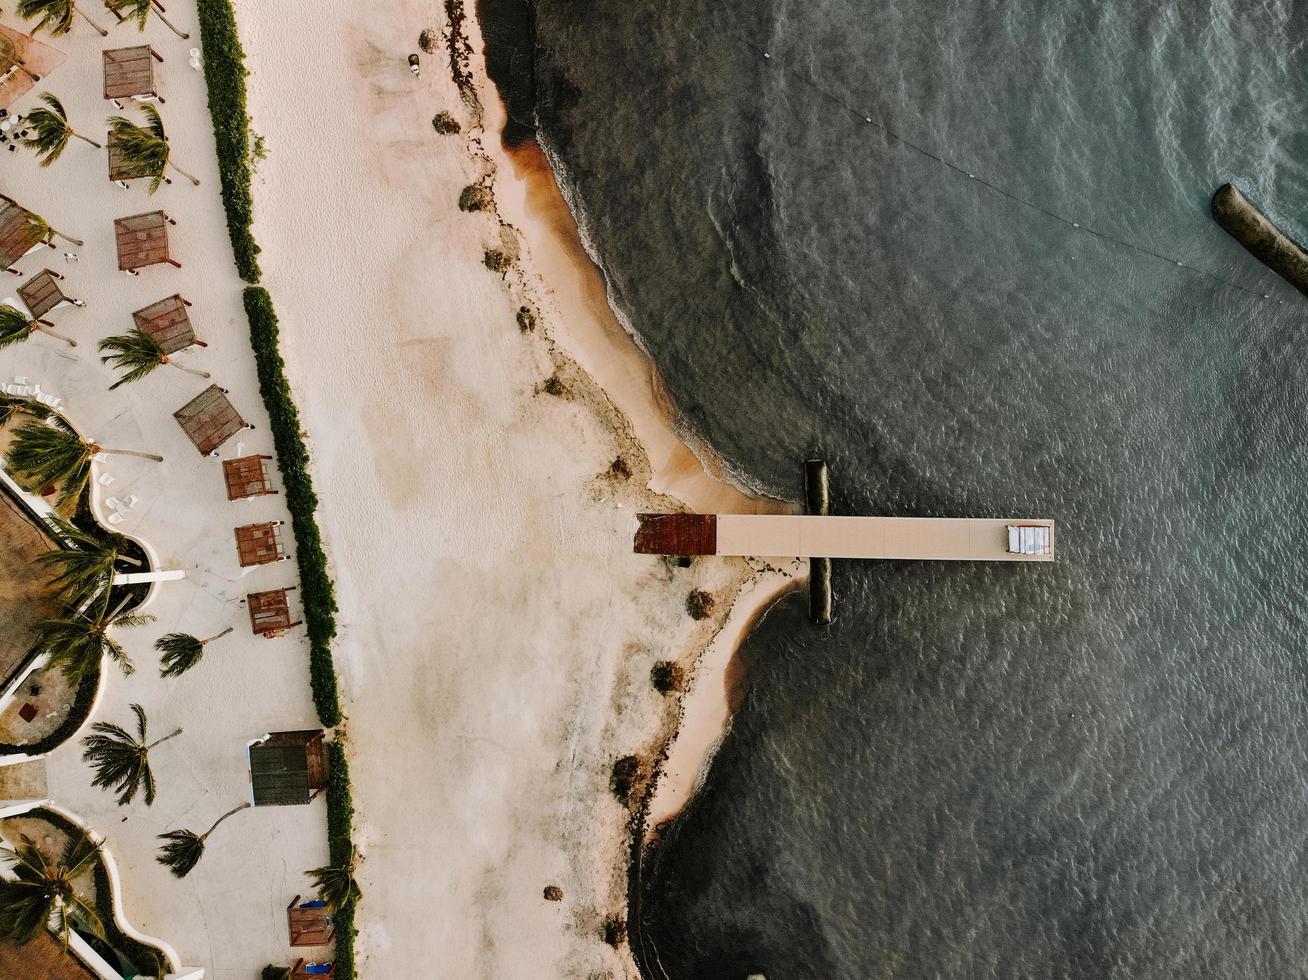 vista aérea de la playa durante el día. foto